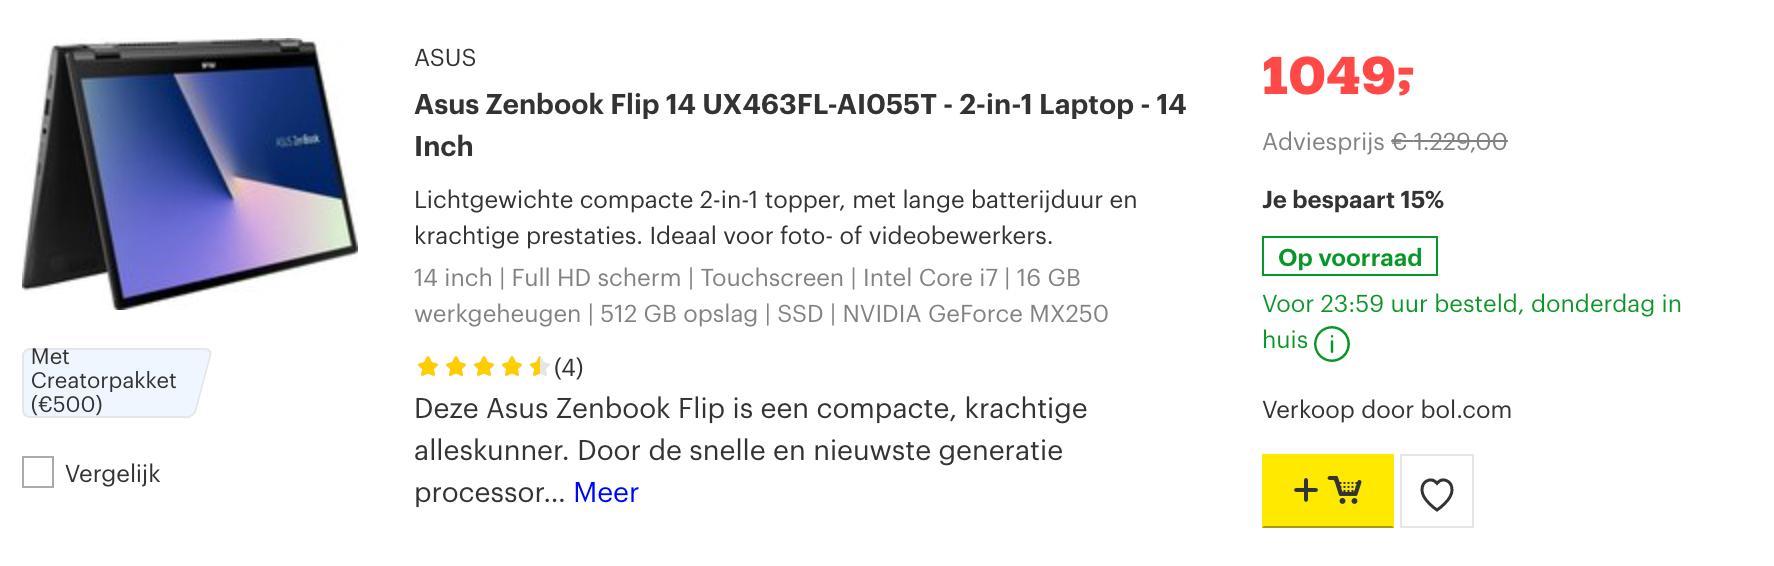 Asus Zenbook Flip 14 UX463FL-AI055T